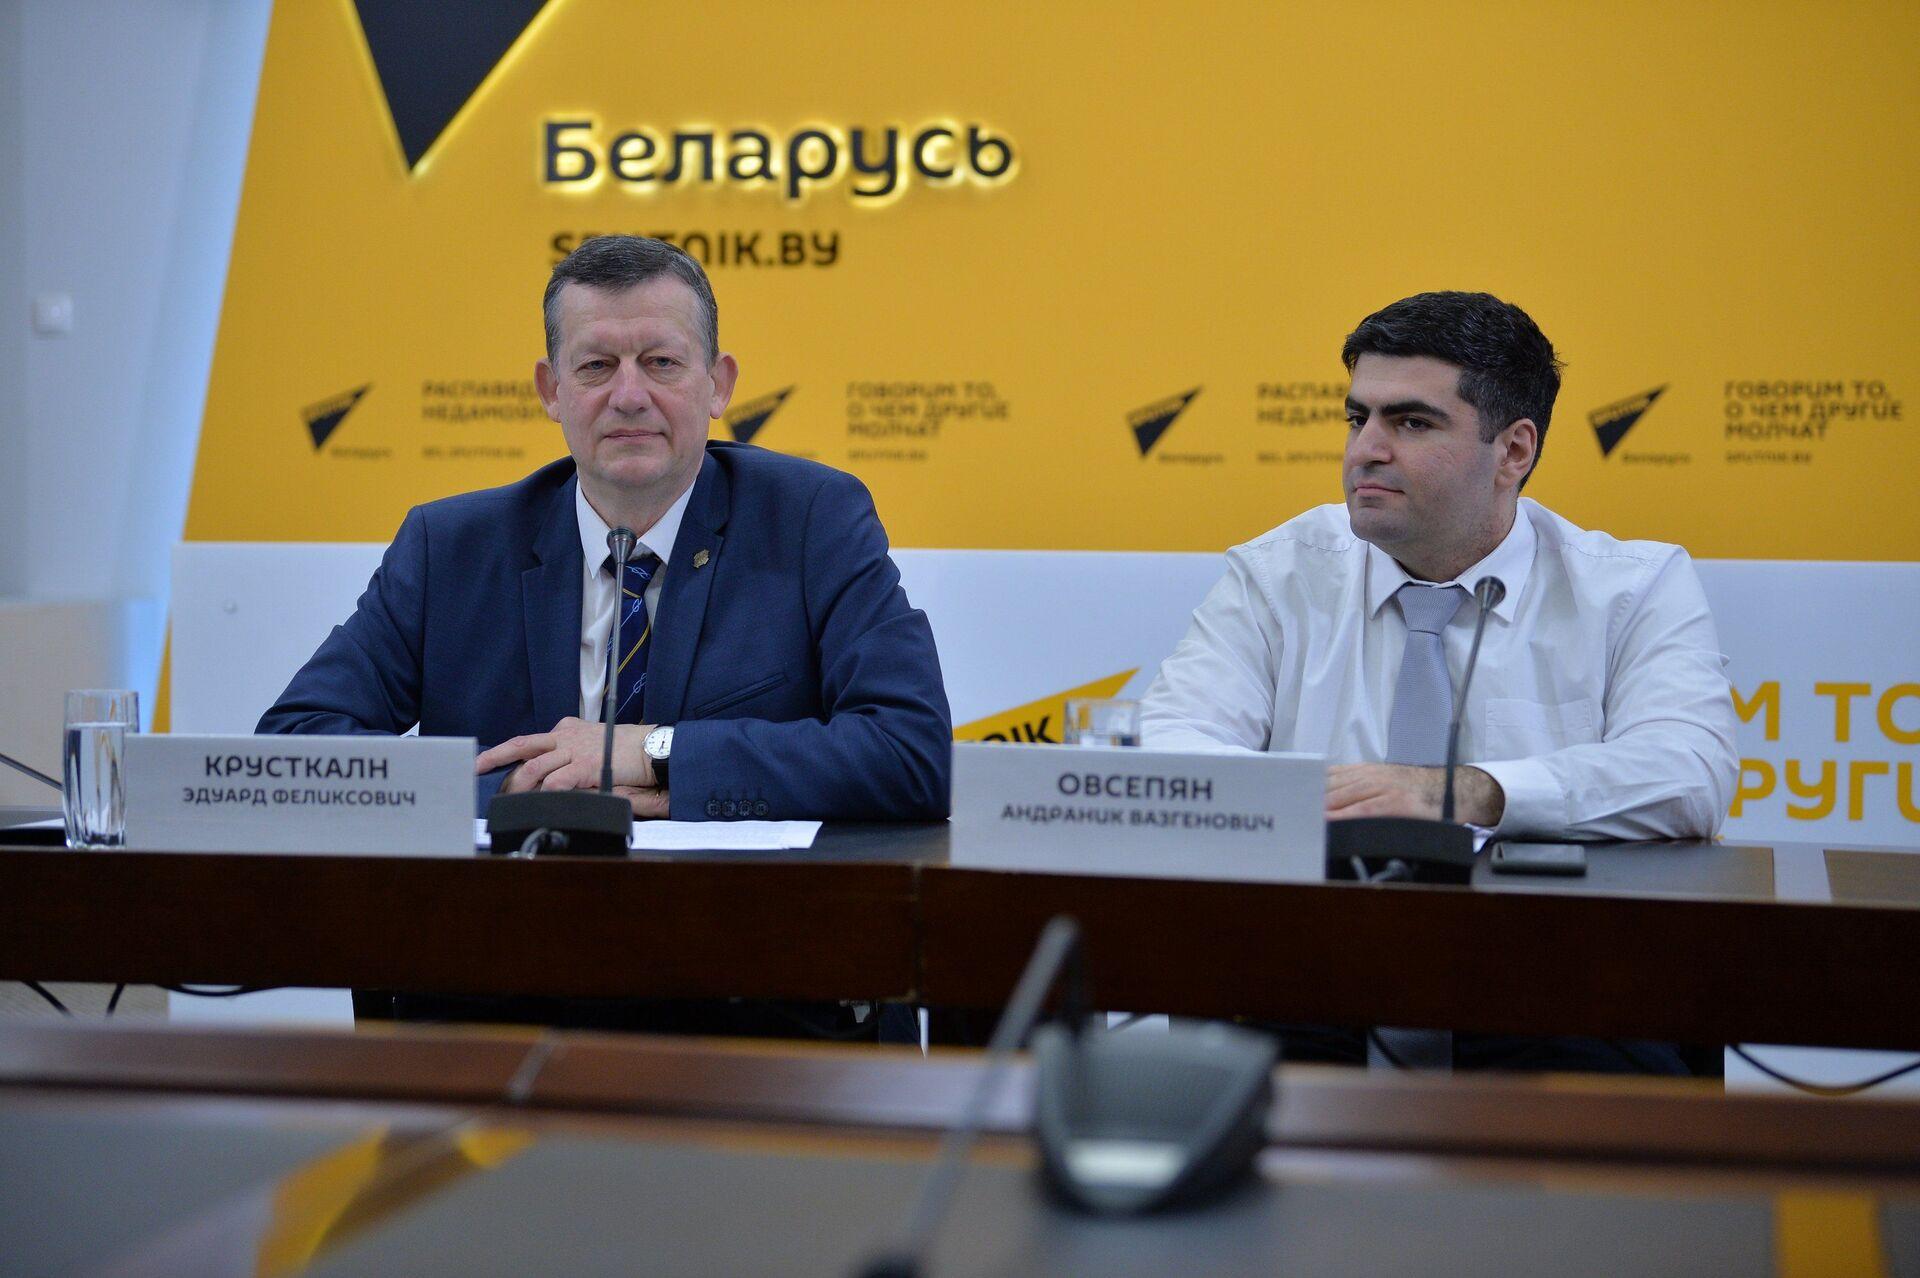 Стало известно, сколько белорусов смогут получить квоты на обучение в России - Sputnik Беларусь, 1920, 17.02.2021